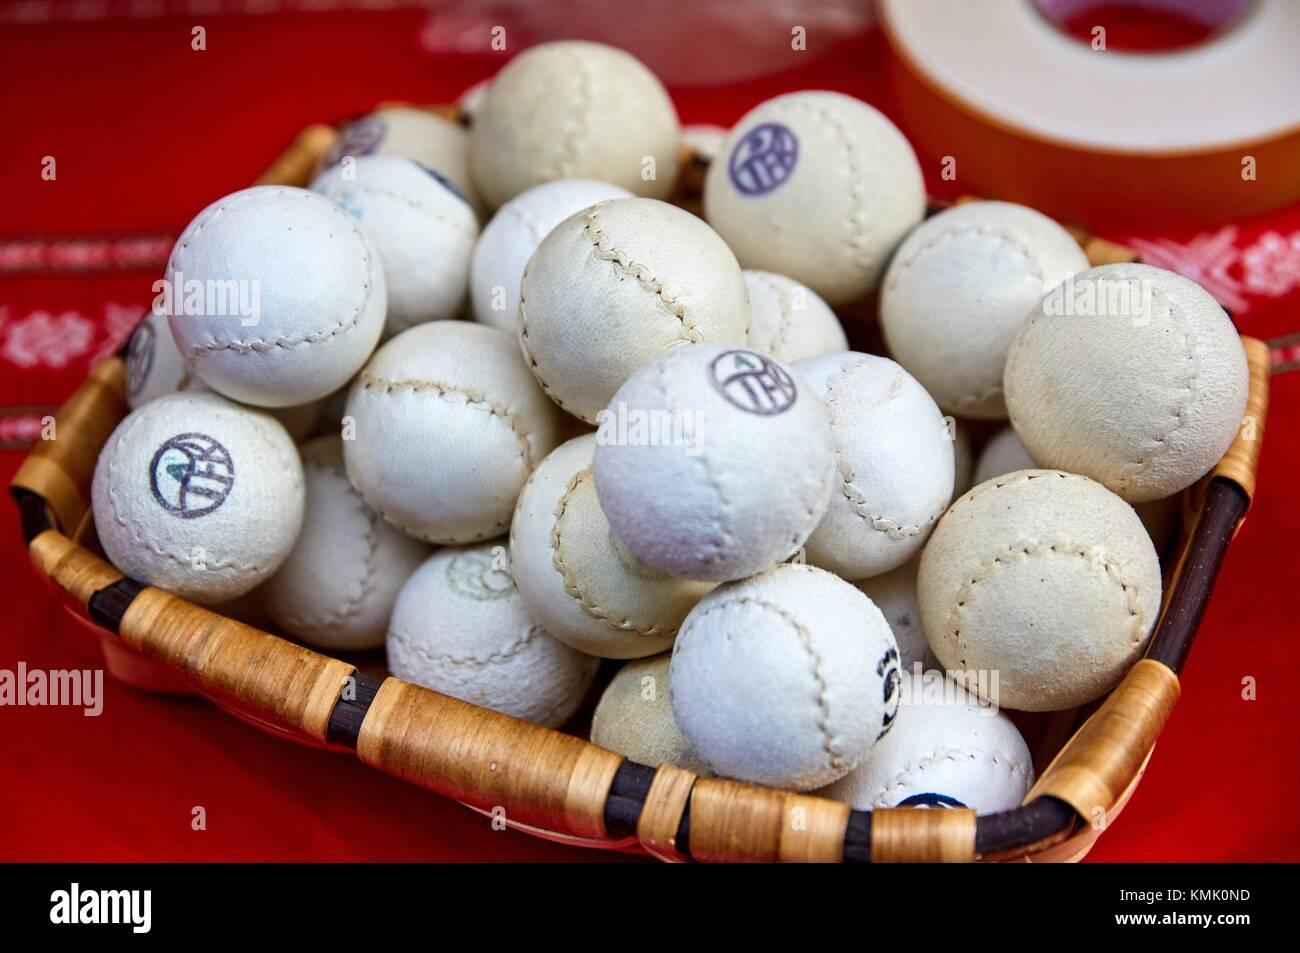 La Pelota Vasca (pelote basque), Feria de Santo Tomás, la fête de saint Thomas a lieu le 21 décembre. Au cours de cette journée San Sebastián est transformé Banque D'Images